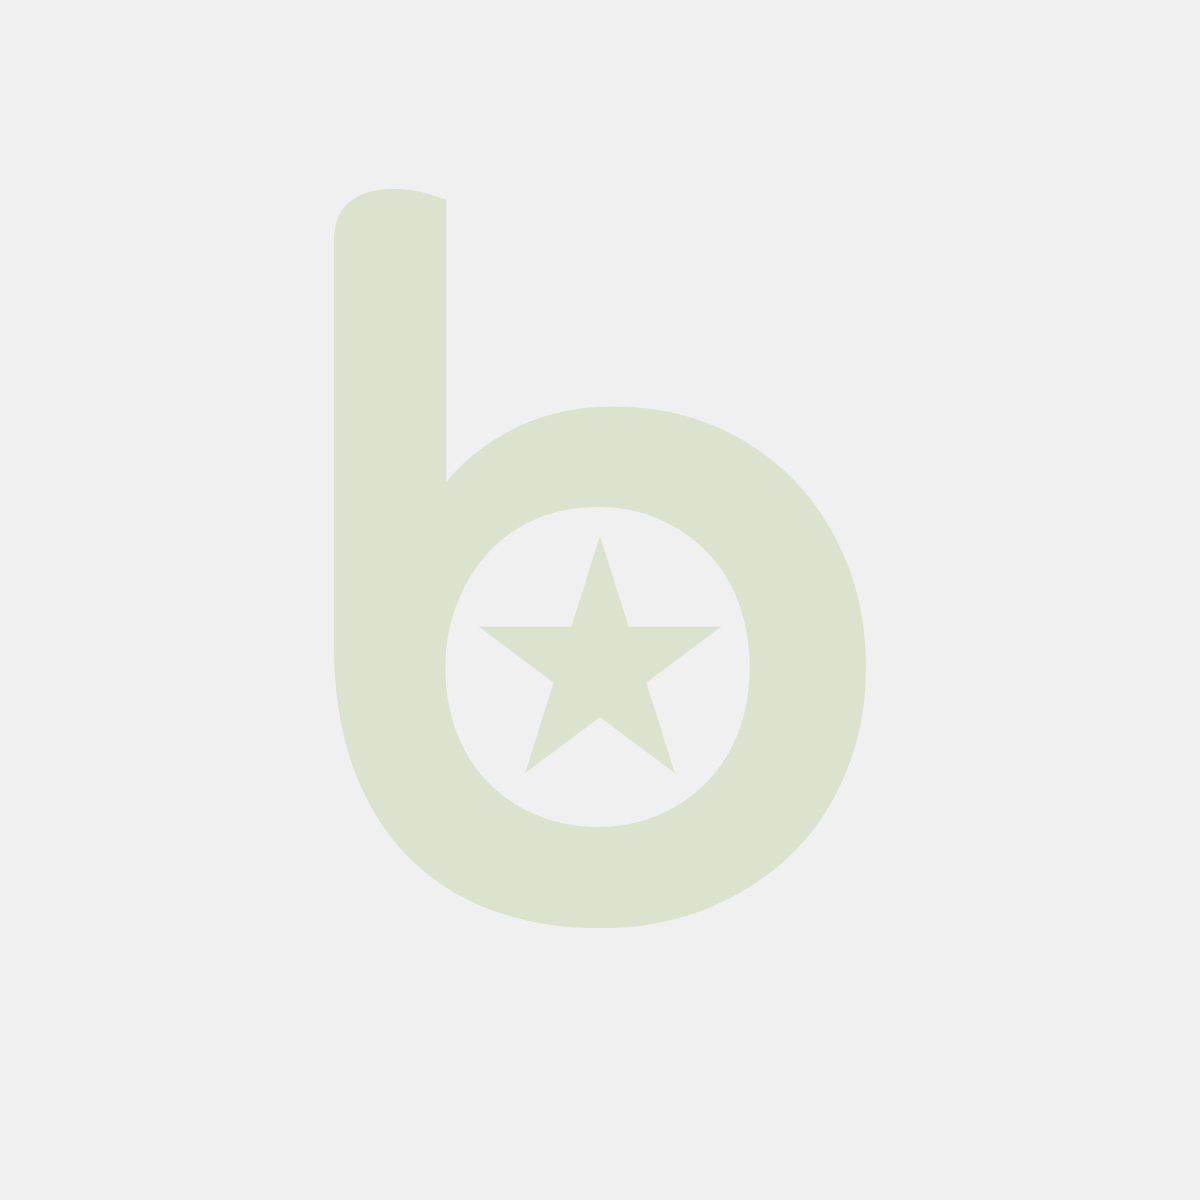 Pojemnik obiadowy do zgrzewu K 227/2, dwudzielny, czarny, 227x178x40, cena za opakowanie 50szt